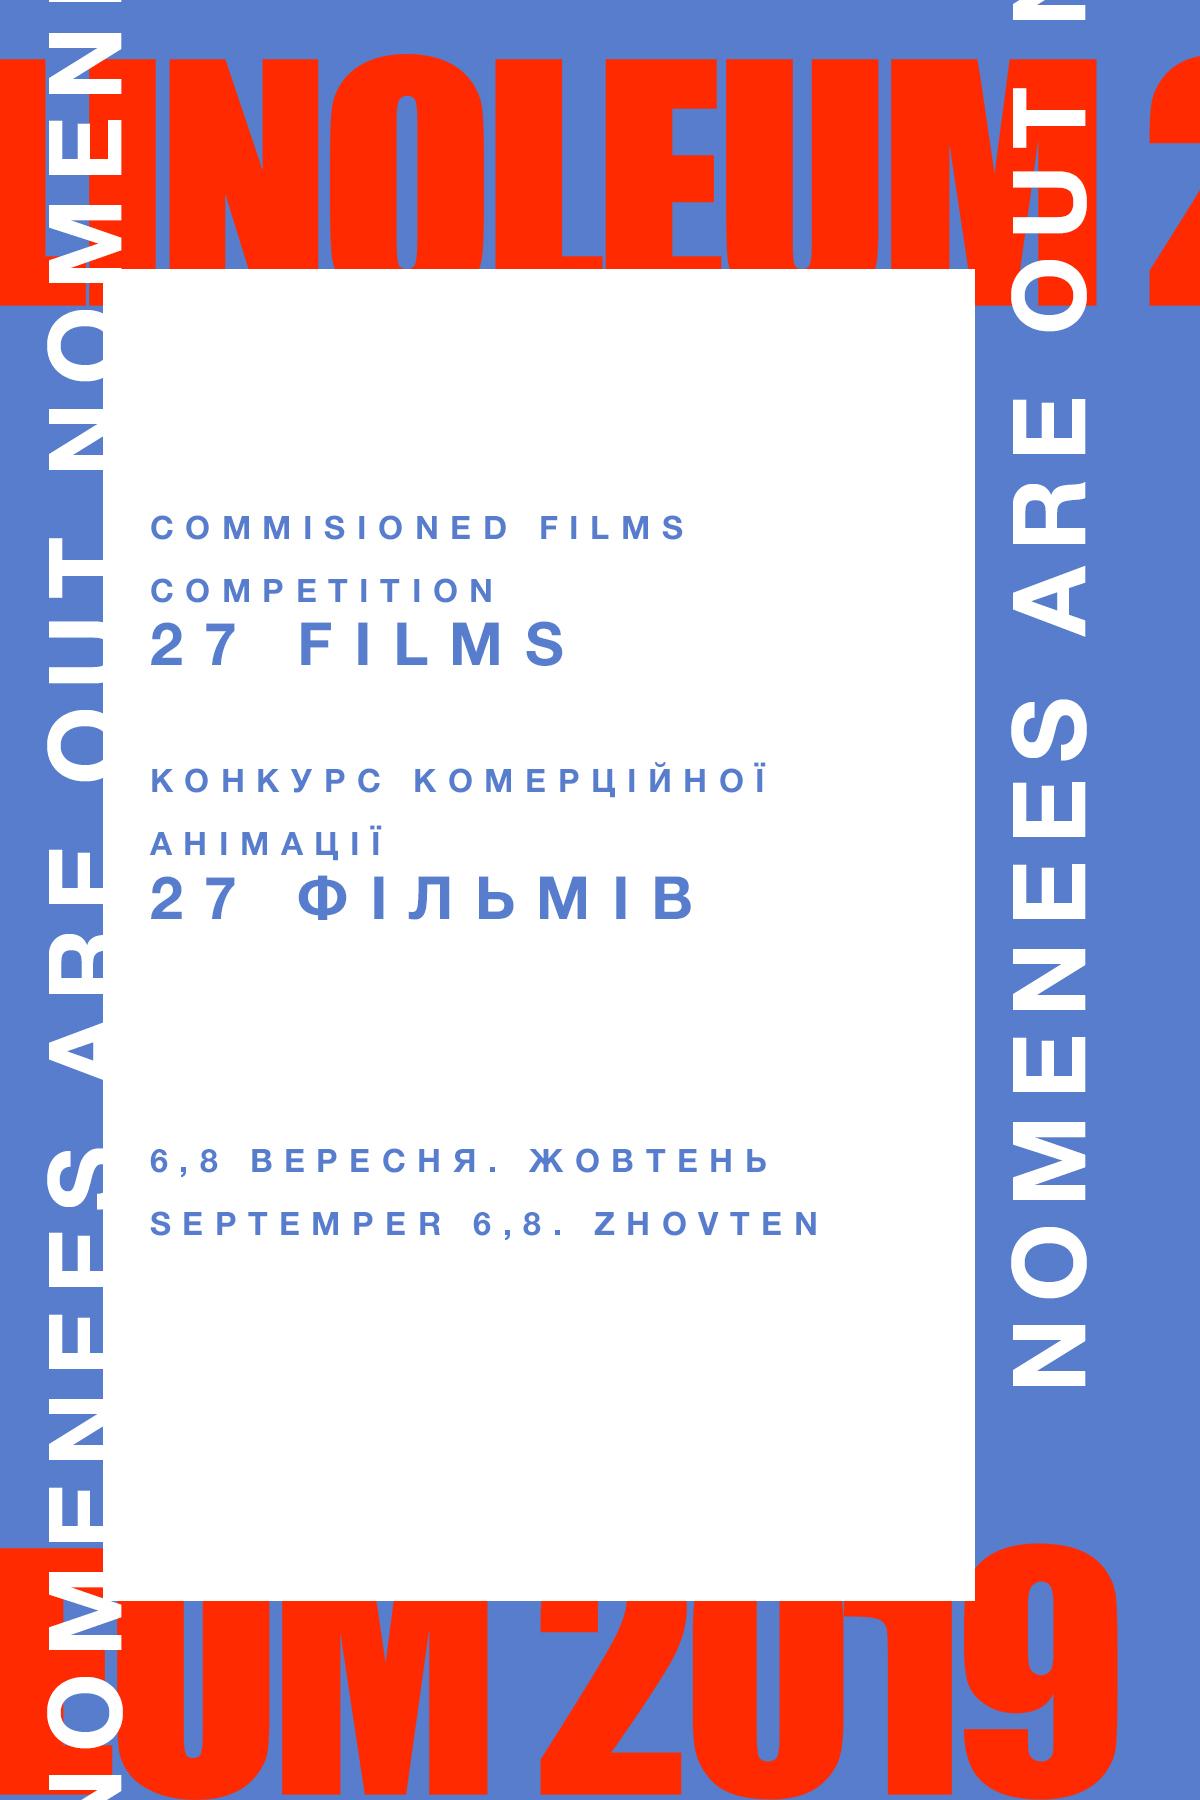 Комерційна анімація на фестивалі LINOLEUM